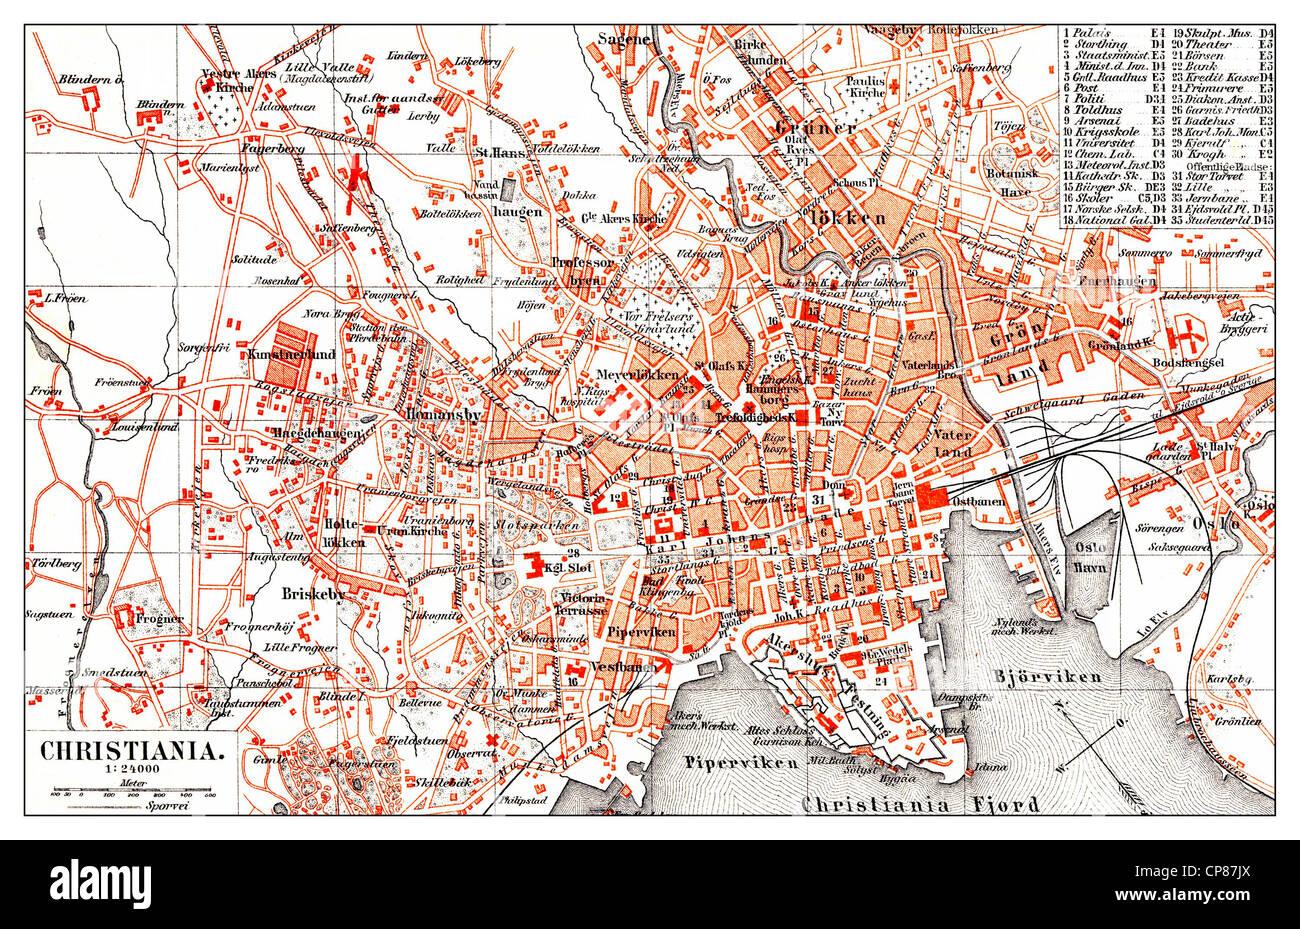 Historical map of Christiana, Copenhagen, Denmark, 19th Century, Historische, zeichnerische Darstellung, Stadtplan - Stock Image